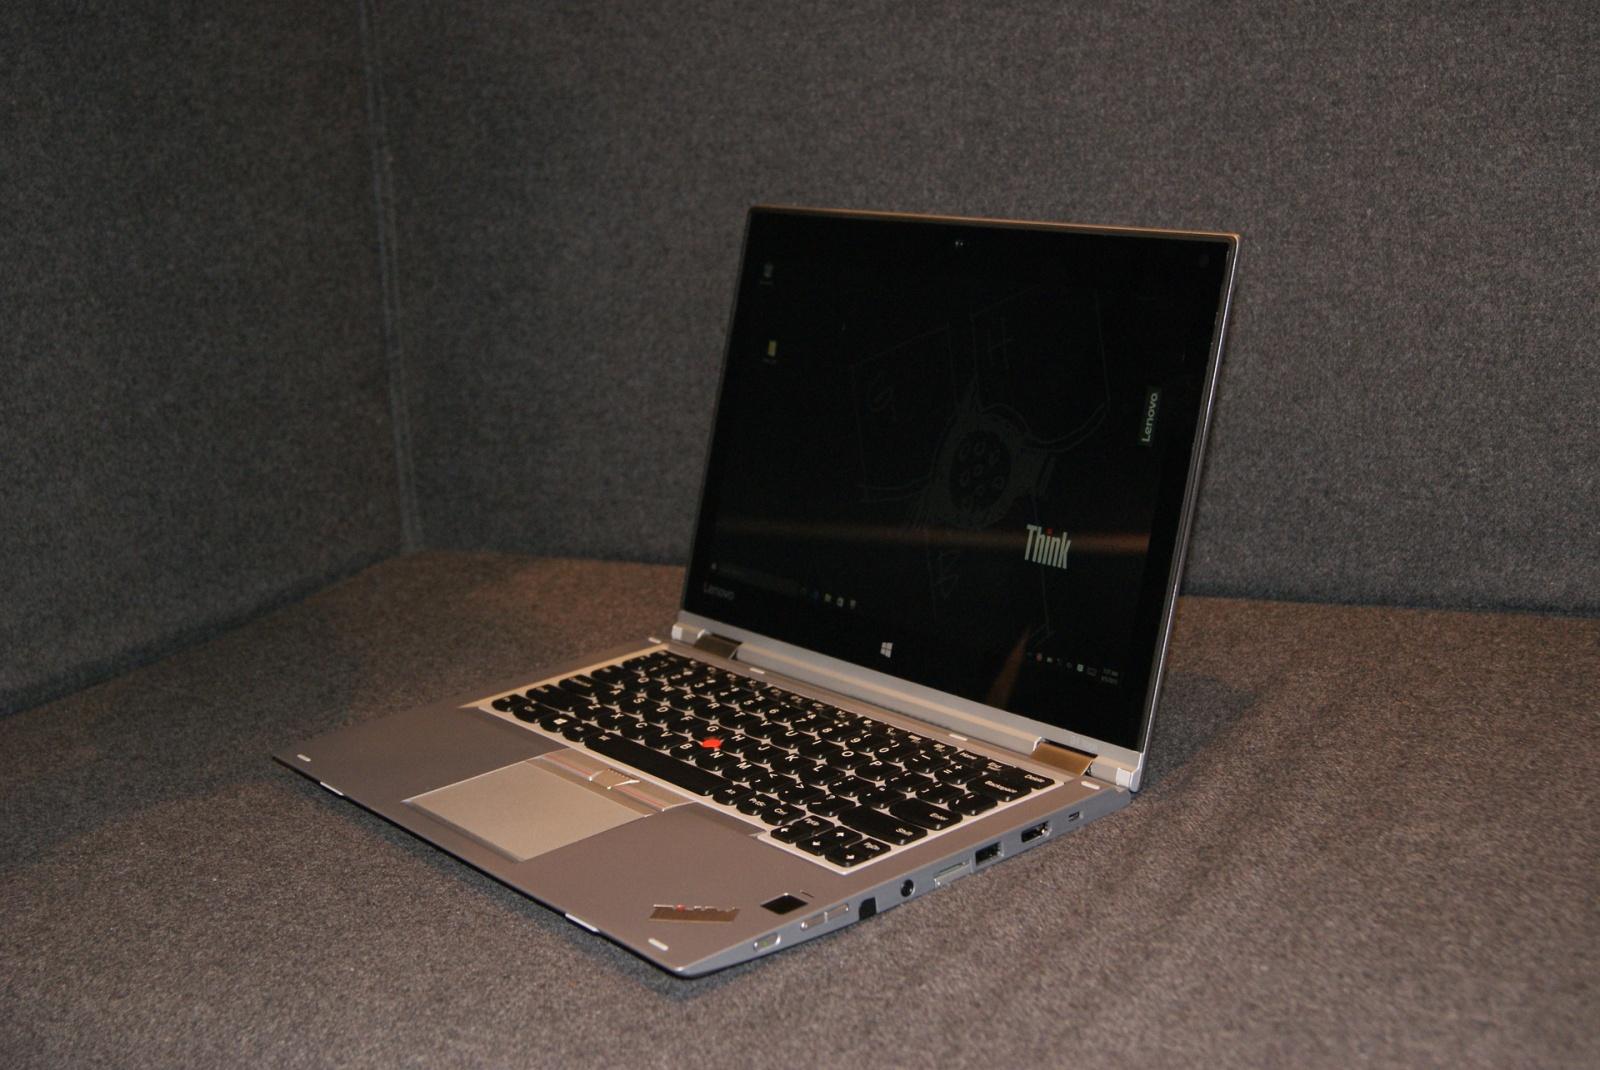 Эксклюзивные фотографии серебристого ThinkPad Yoga 260 - 3